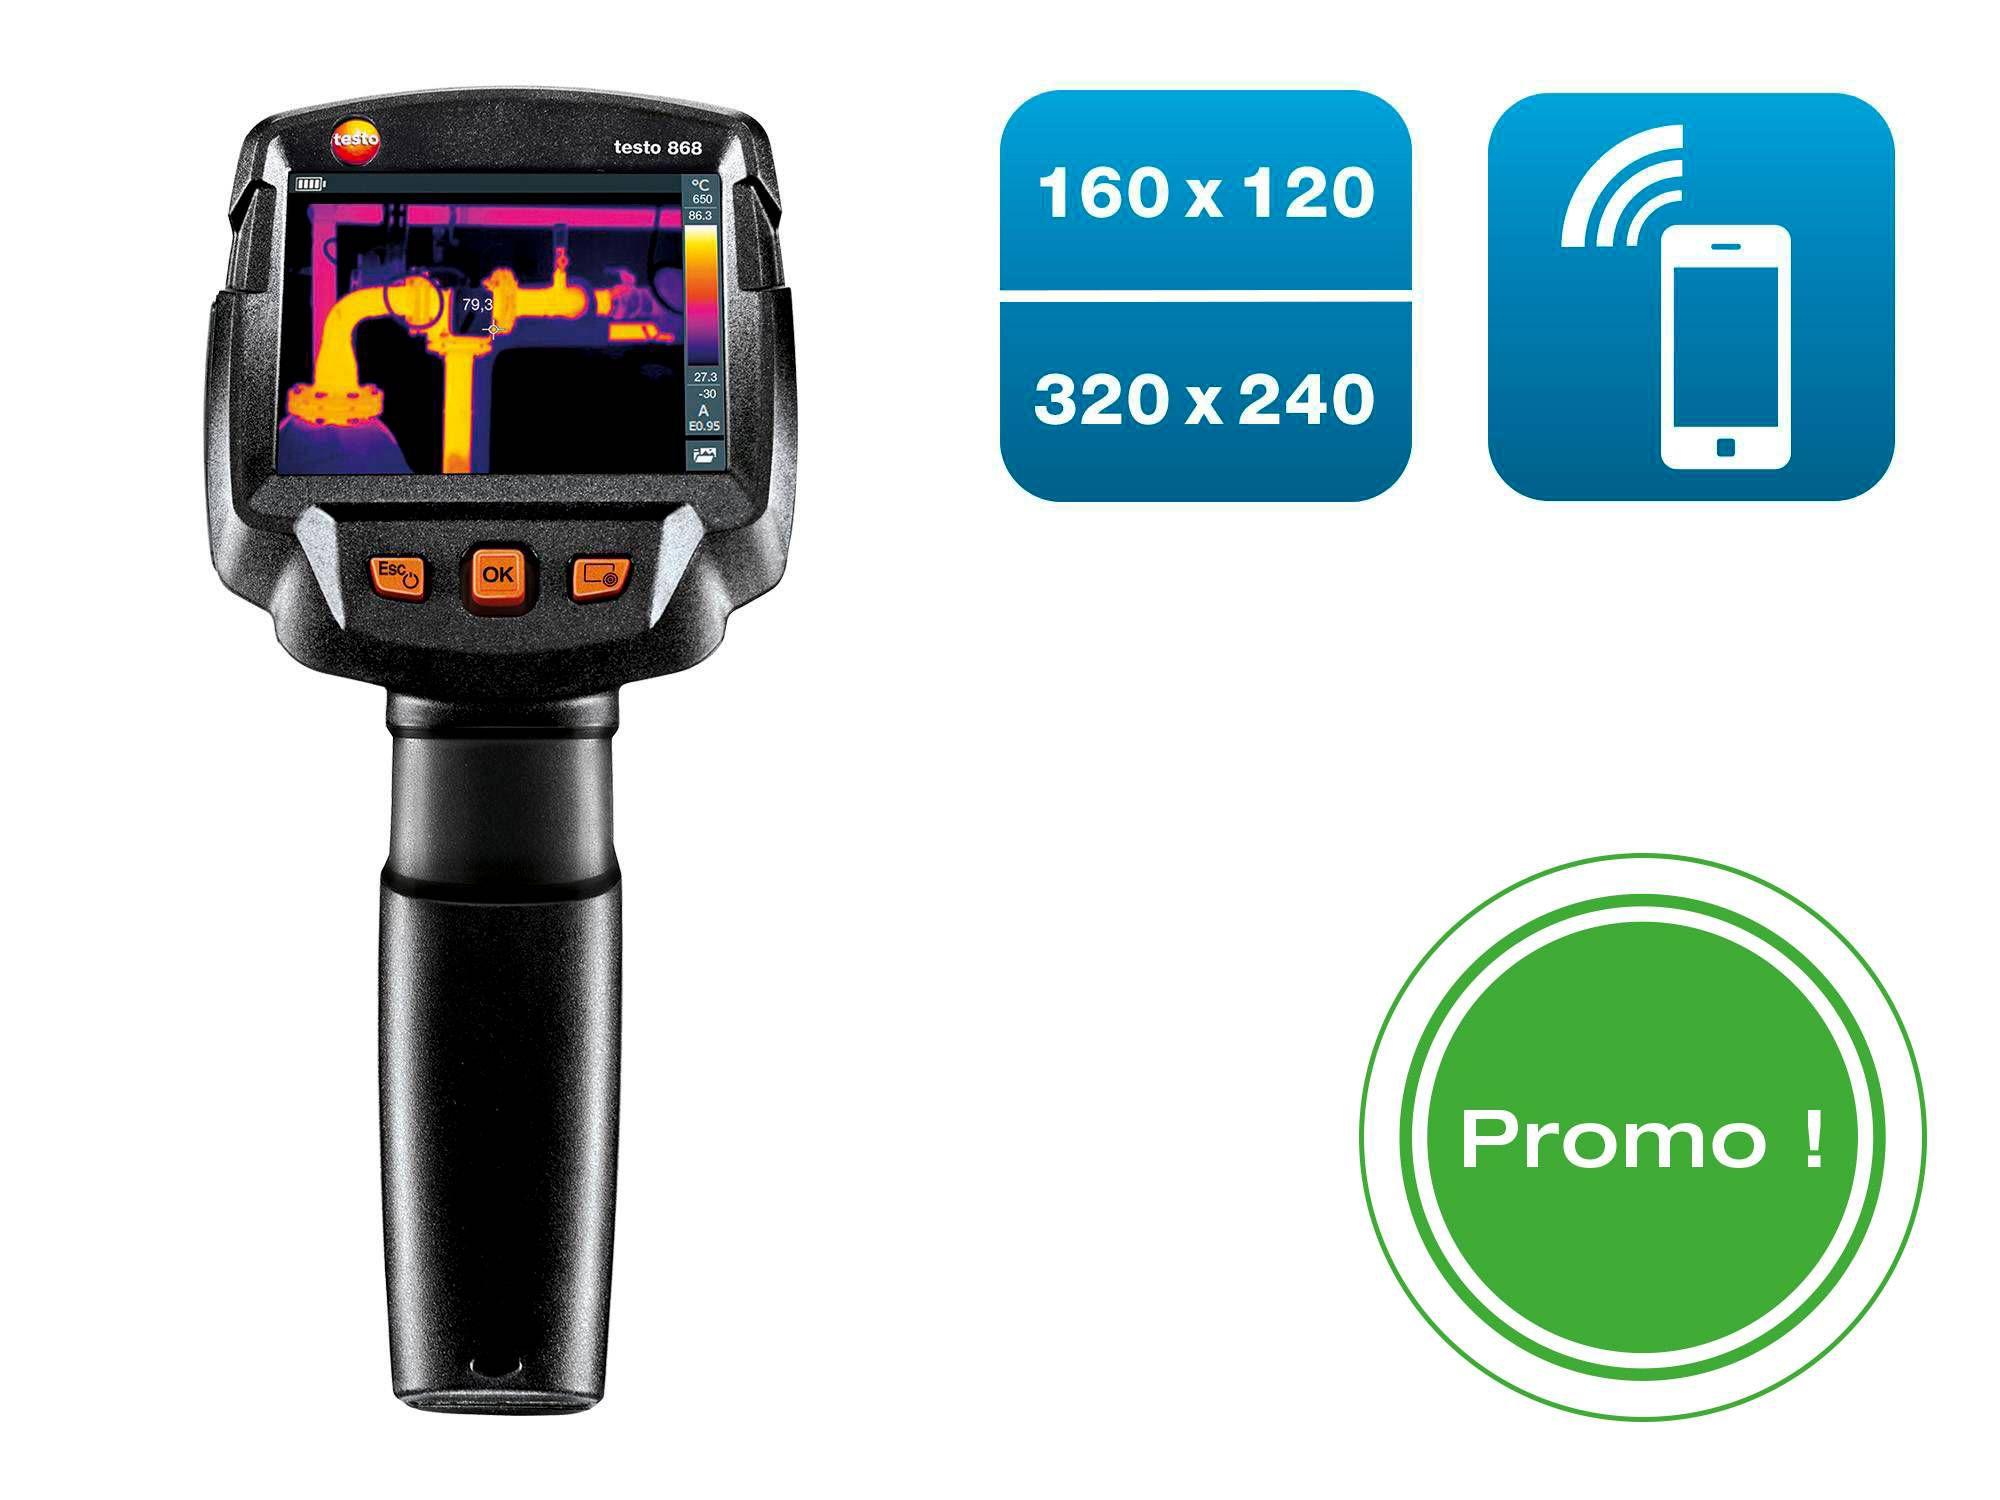 Offre promotionnelle caméra thermique testo 868